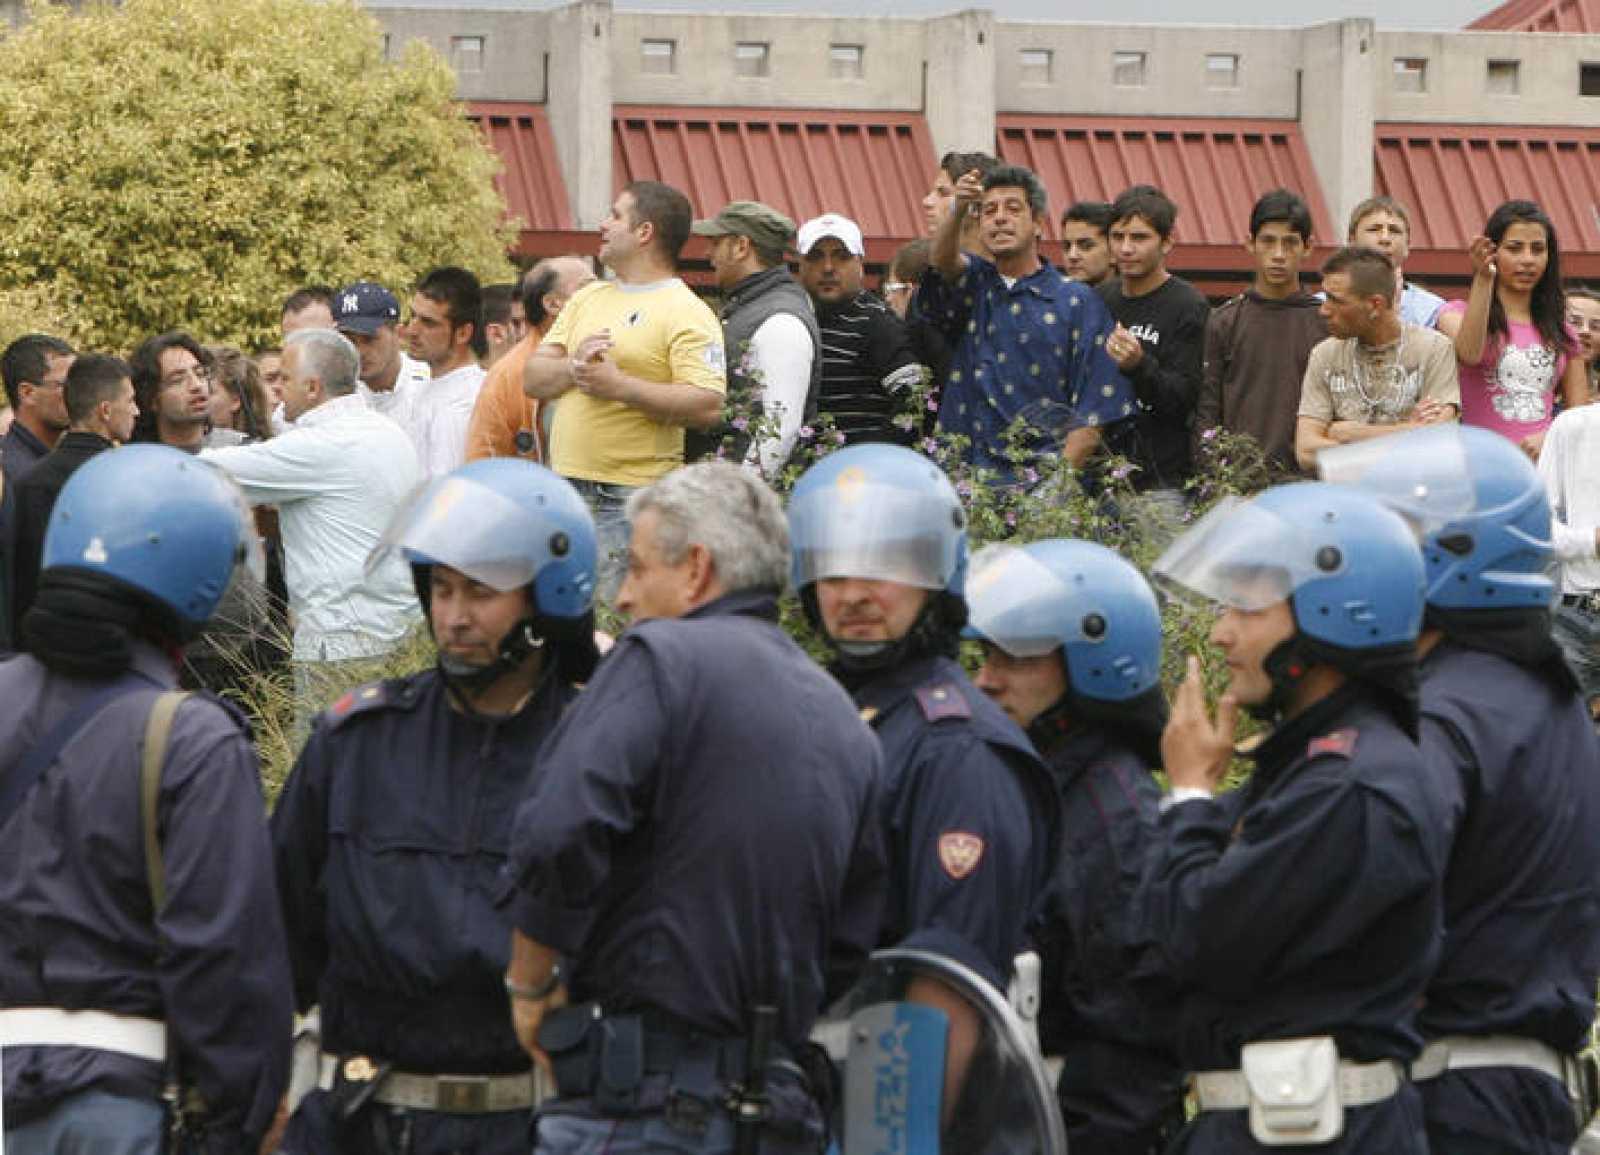 La policía napolitana protege los campamentos gitanos de Nápoles